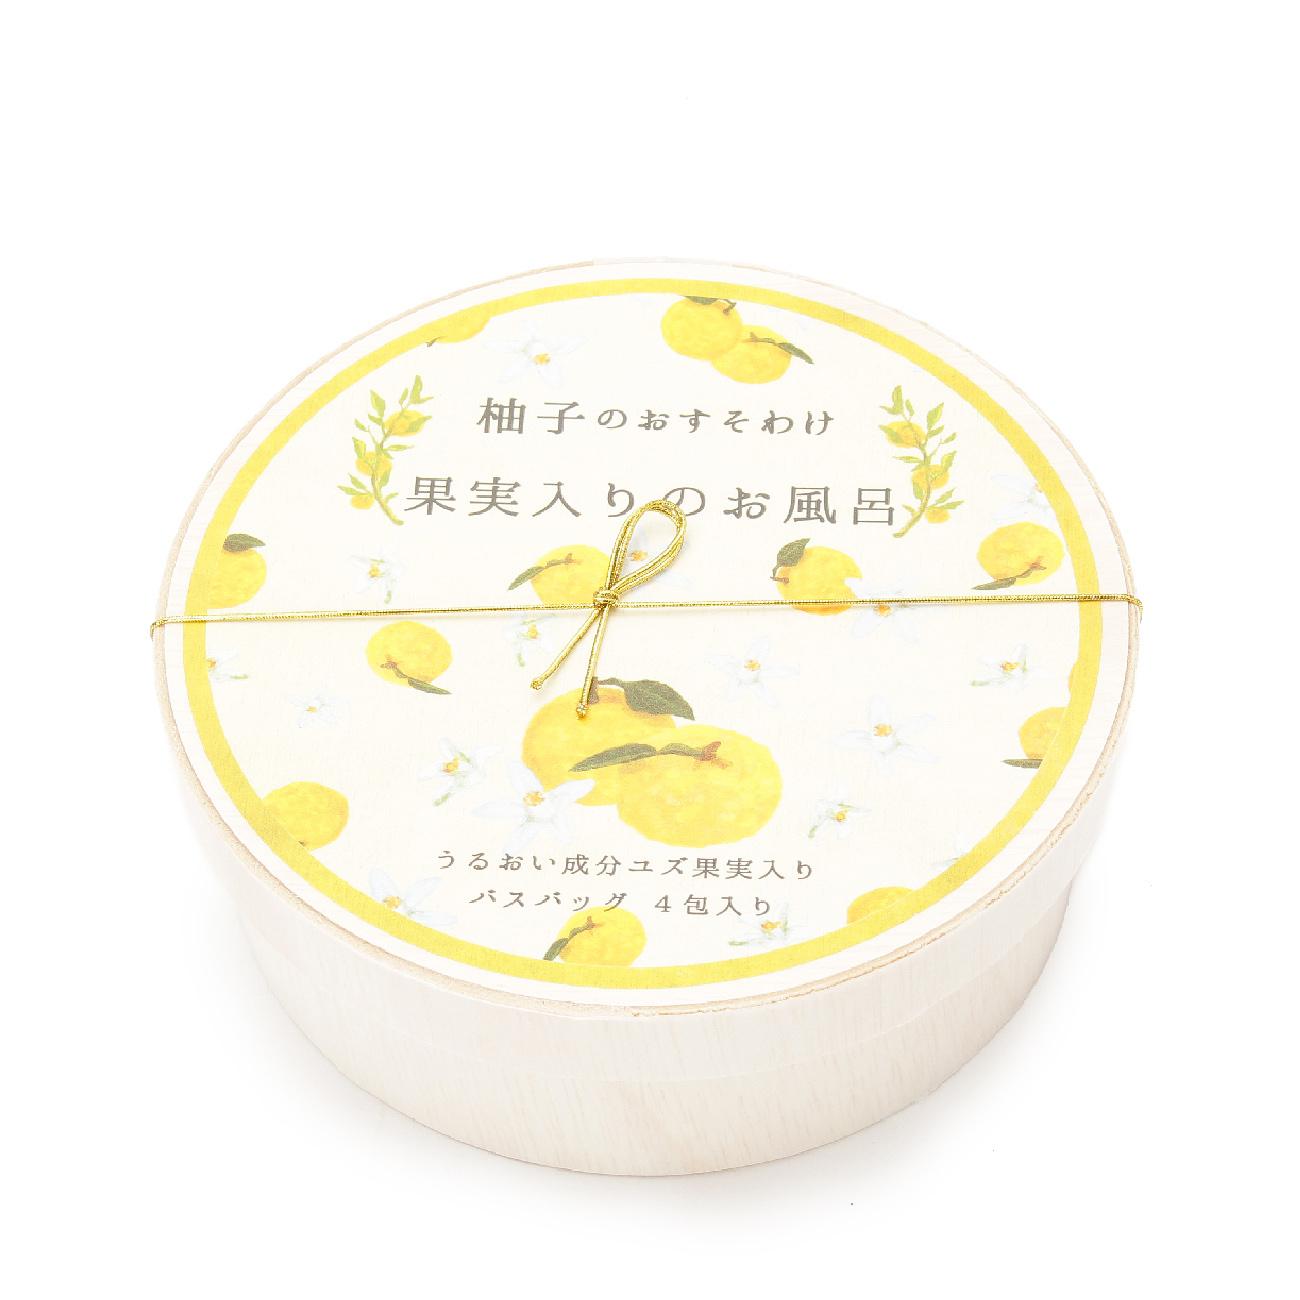 【grove (グローブ)】柚子のおすそわけ 果実入りのお風呂レディース ビューティー・コスメ|ボディケア イエロー